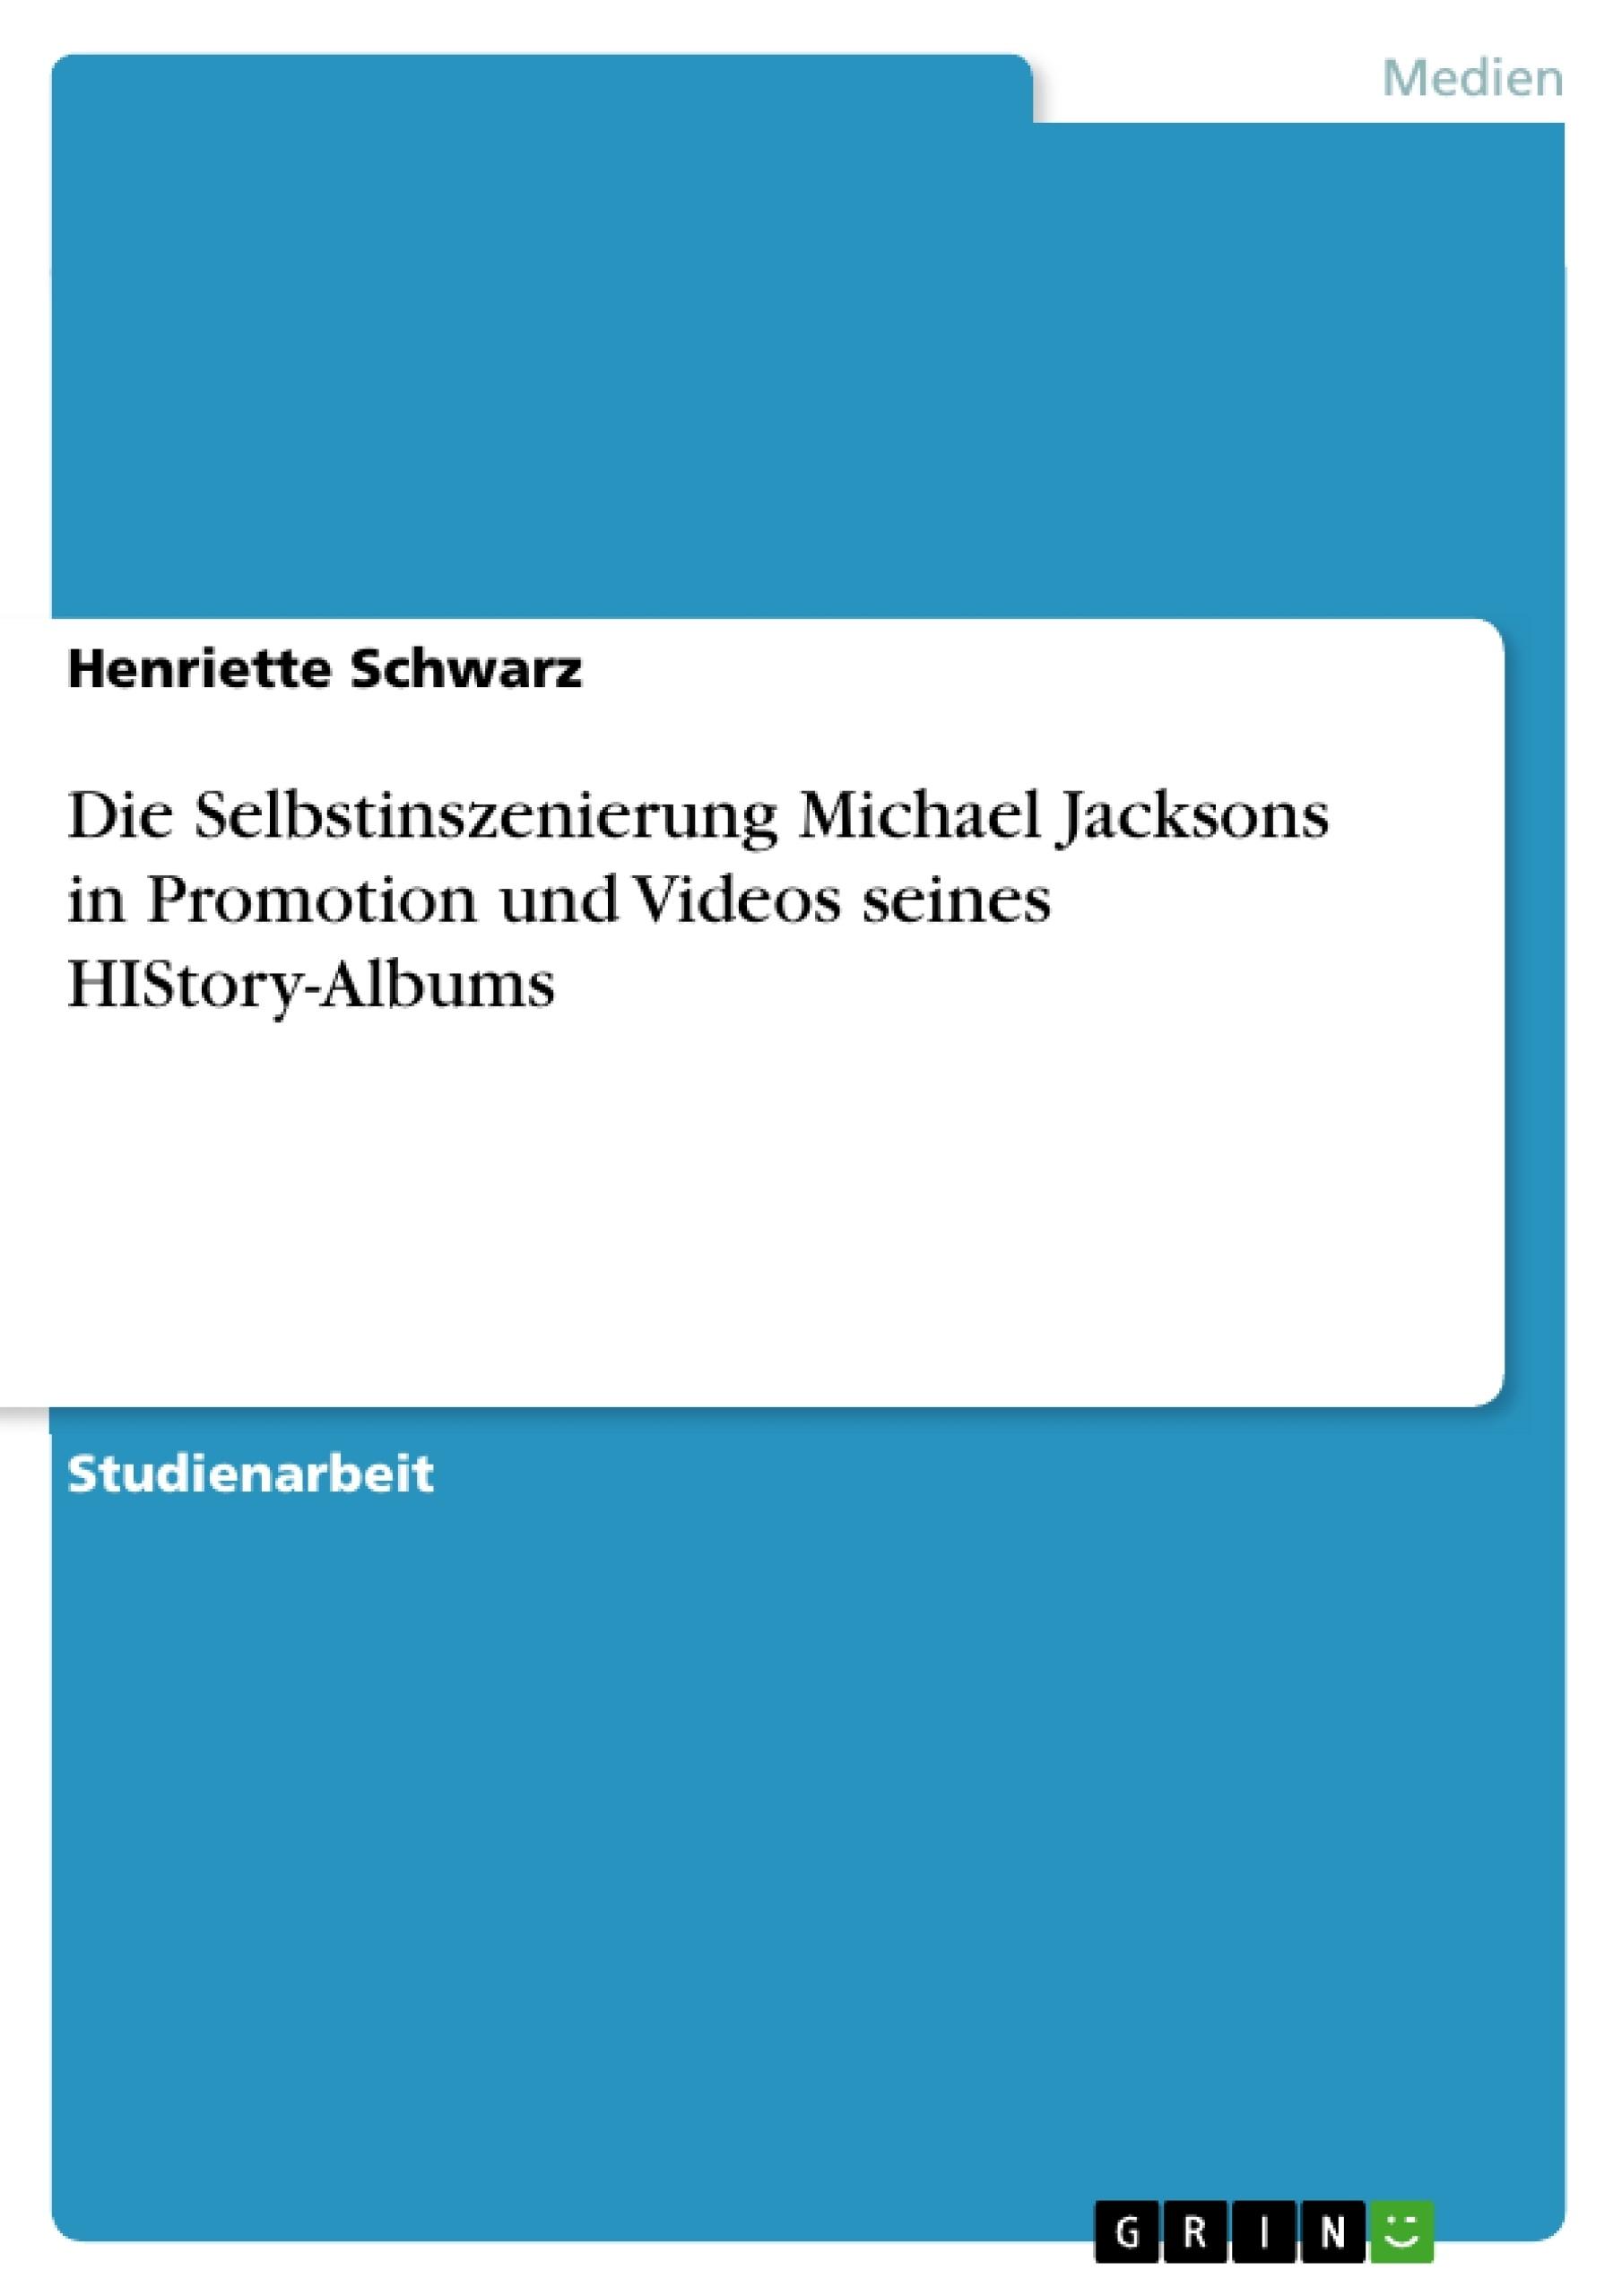 Titel: Die Selbstinszenierung Michael Jacksons in Promotion und Videos seines HIStory-Albums